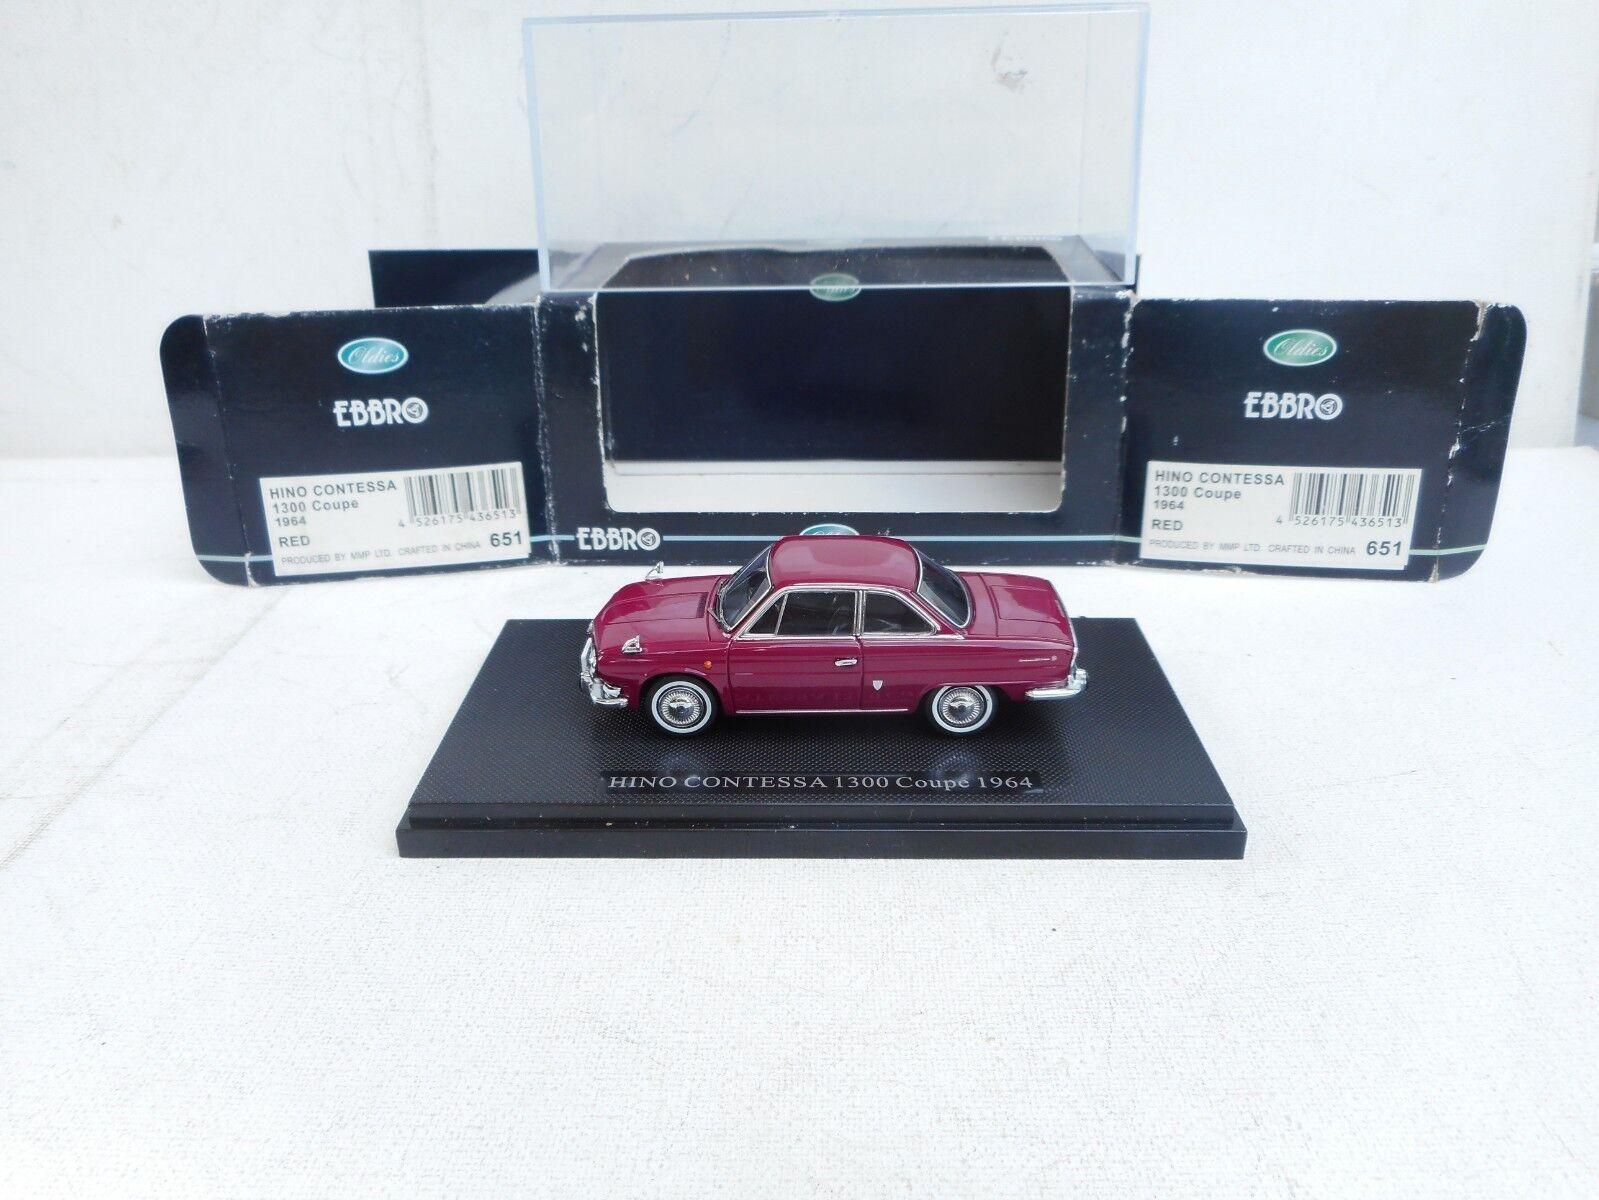 EBBRO 1964 Hino Contessa 1300 Coupe purpleC  1 43 Scale Diecast Model NEW, RARE